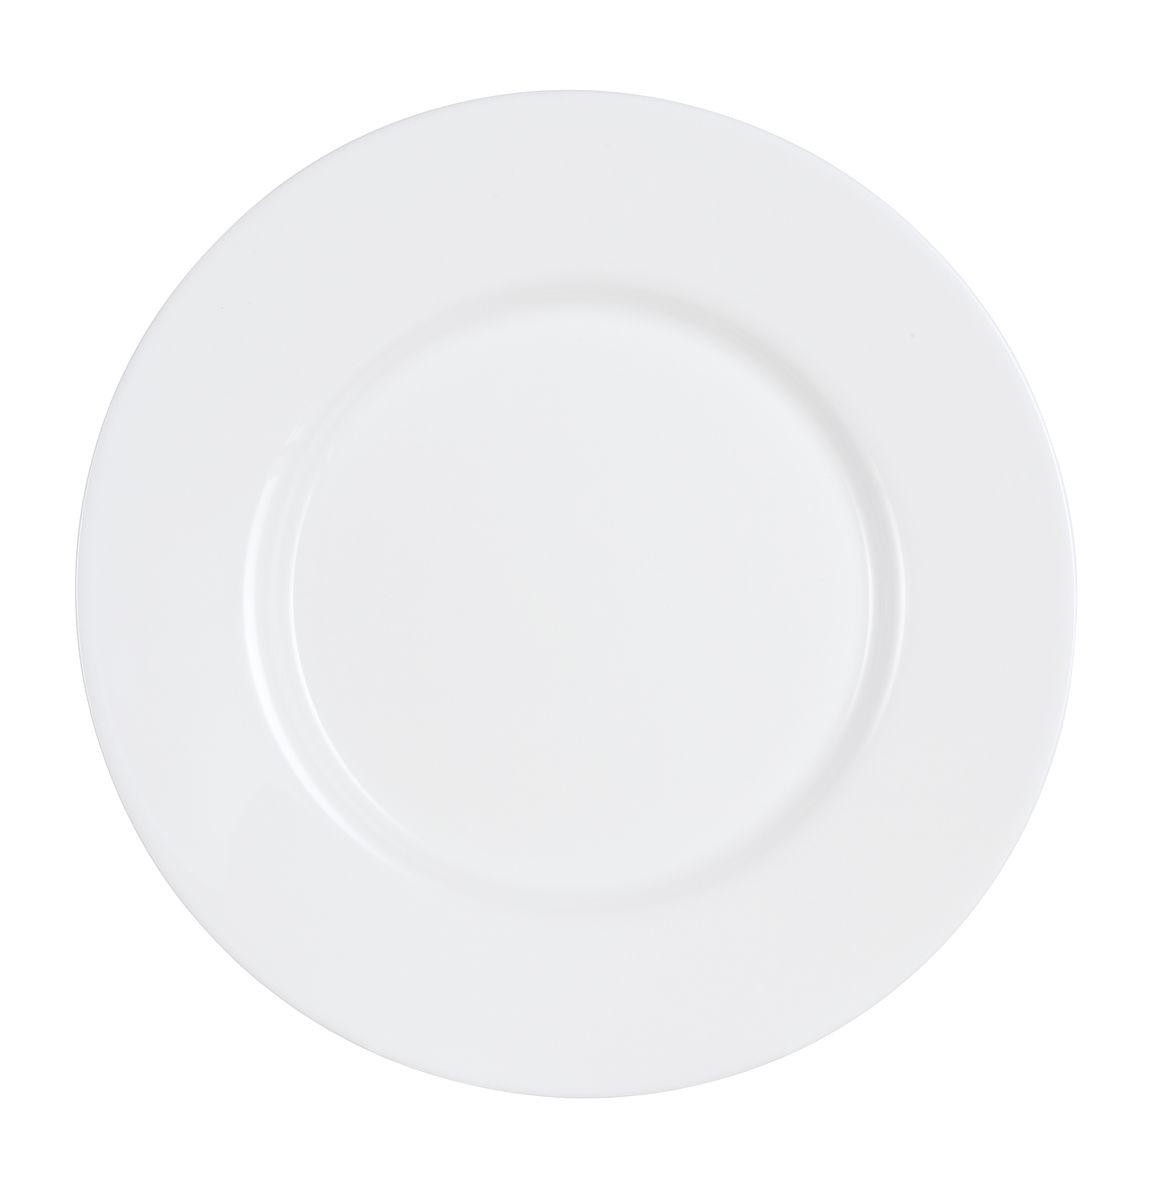 Тарелка обеденная Luminarc Everyday, диамтер 24 смG0564Обеденная тарелка Luminarc Everyday, изготовленная из высококачественного стекла, имеет изысканный внешний вид. Классический дизайн придется по вкусу и ценителям классики, и тем, кто предпочитает утонченность. Тарелка Luminarc Everyday идеально подойдет для сервировки стола и станет отличным подарком к любому празднику. Пригодна для использования в посудомоечной машине и микроволновой печи.Диаметр (по верхнему краю): 24 см.